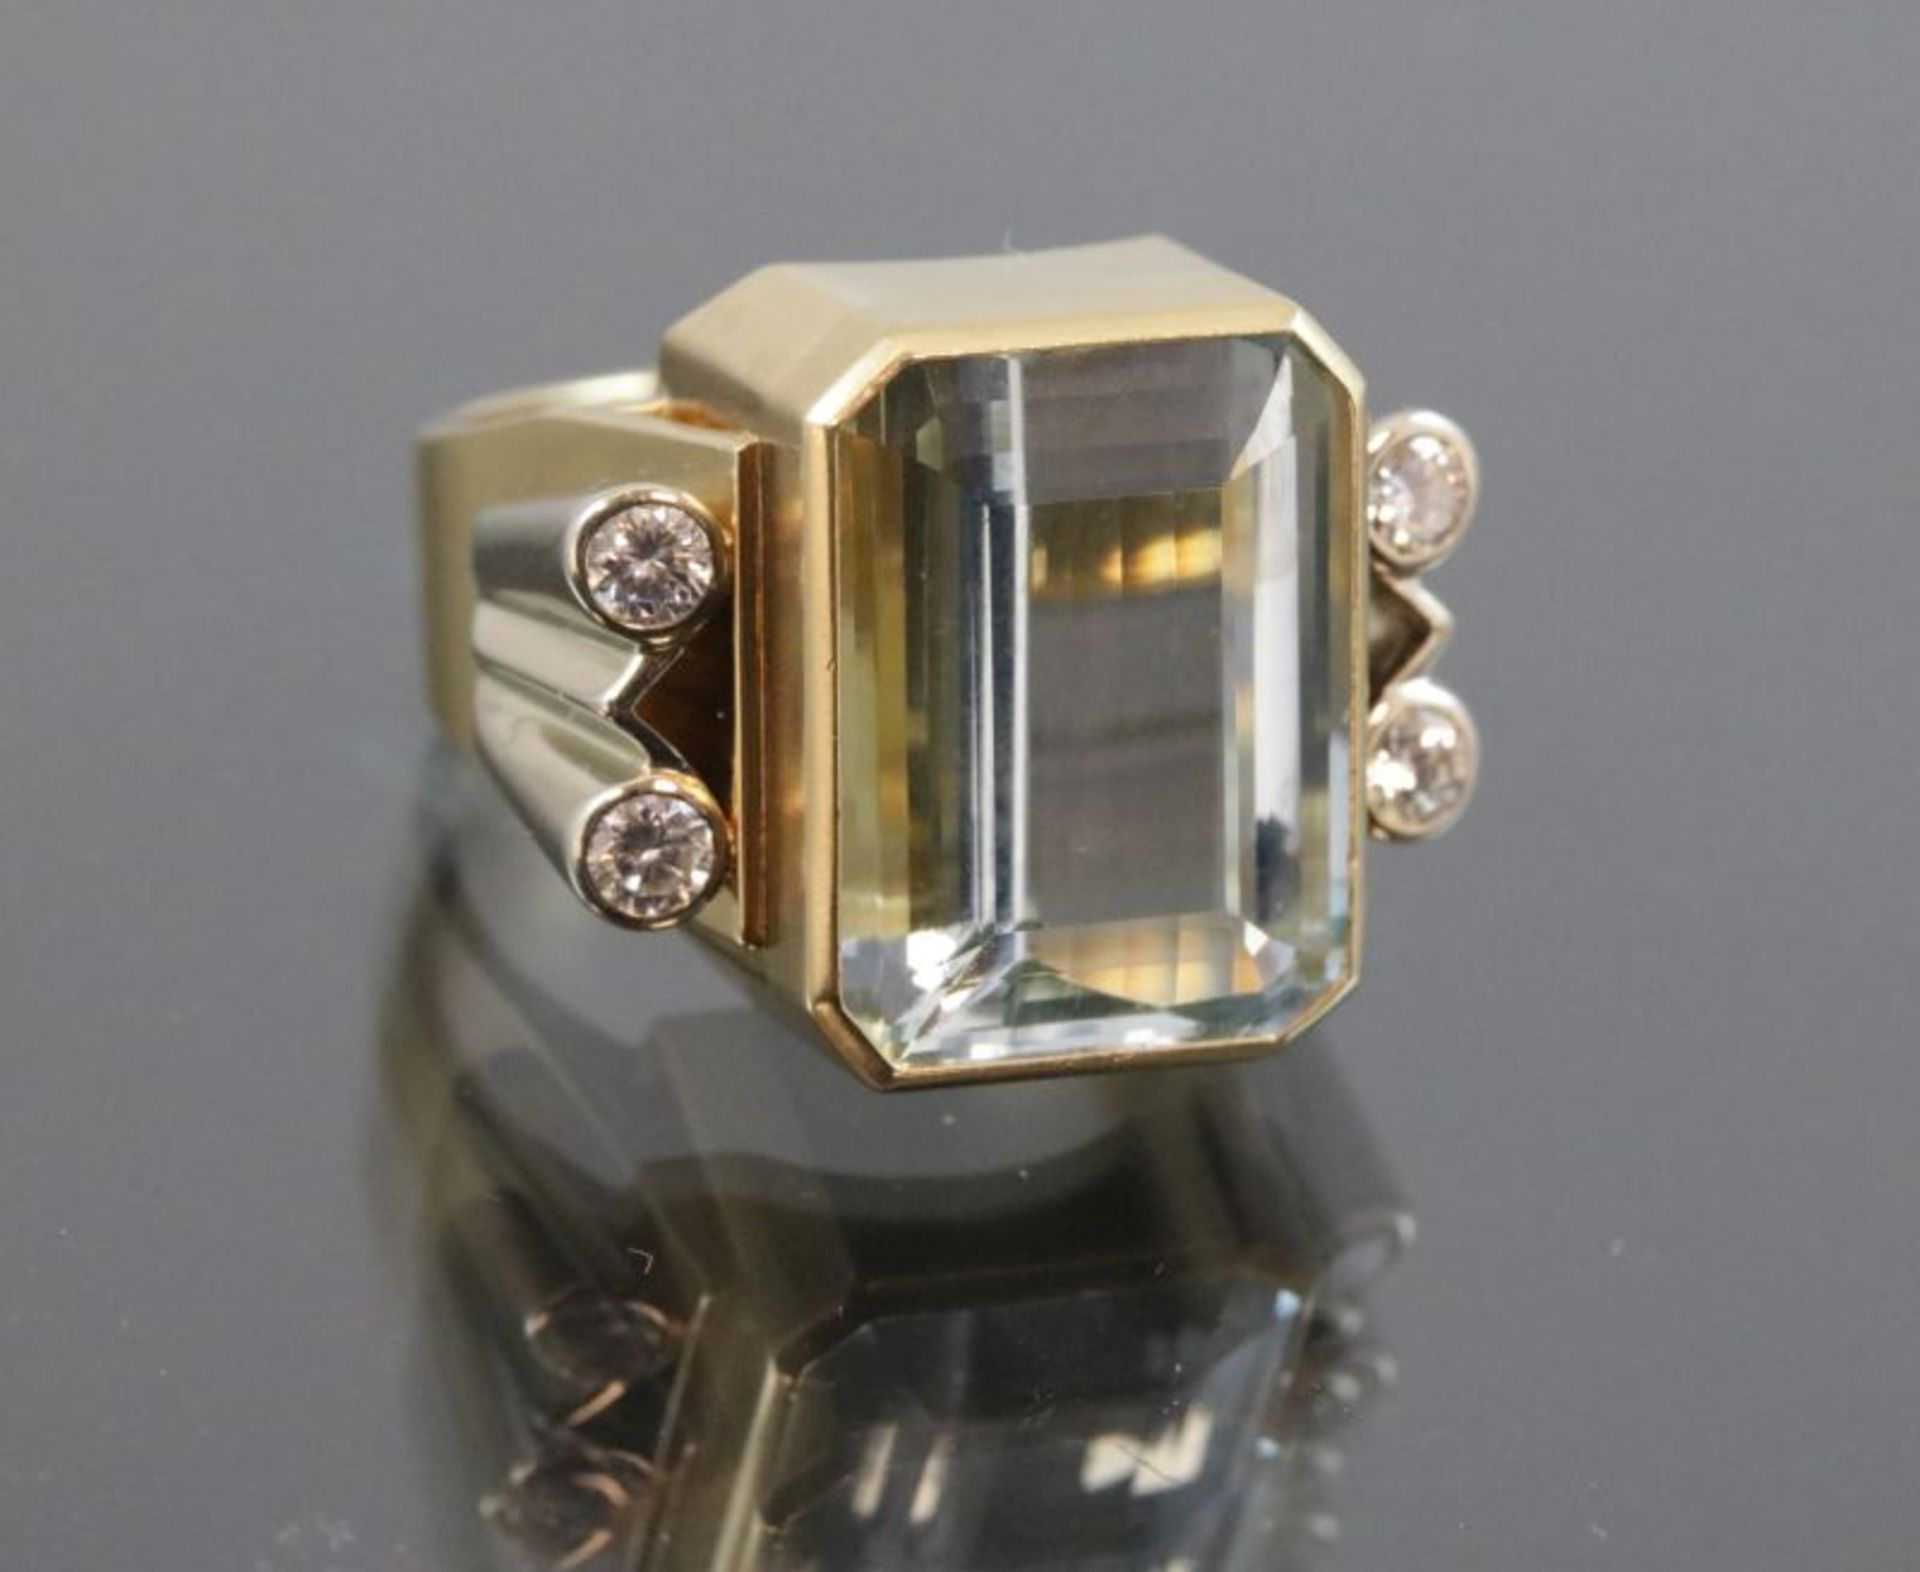 Los 30 - Aquamarin-Brillant-Ring, 750 Gold17,9 Gramm 4 Brillanten, 0,4 ct., tw/vsi. Ringgröße: 60Schätzpreis: